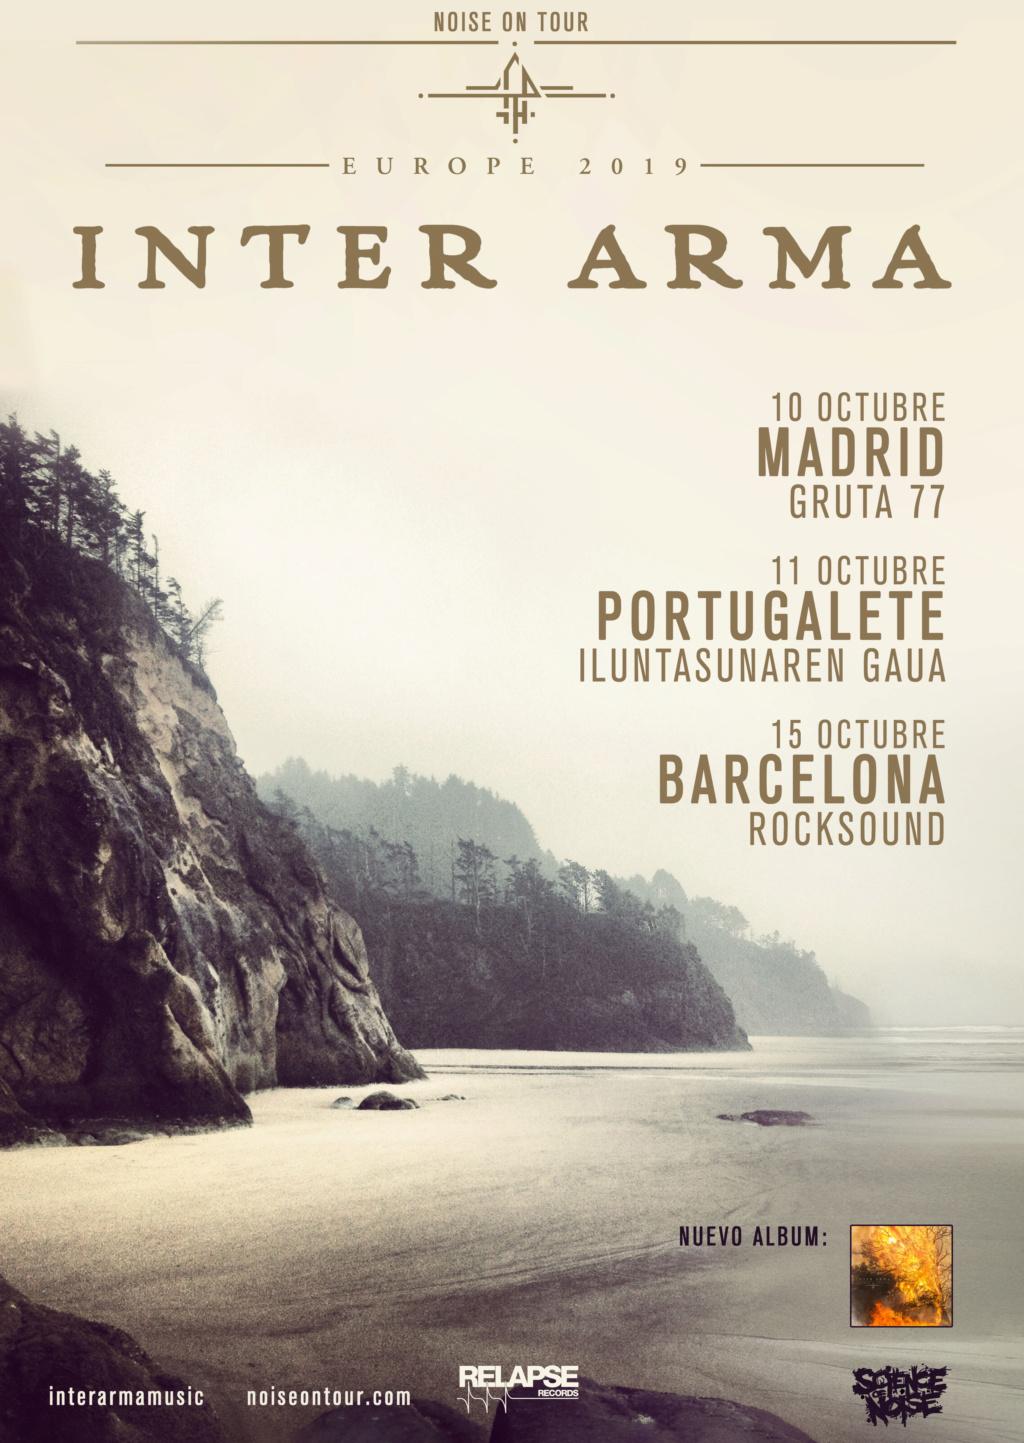 Inter Arma - Sulphur English (2019) De gira en Octubre 2019 y disco de la semana en el foro! - Página 3 Inter_11